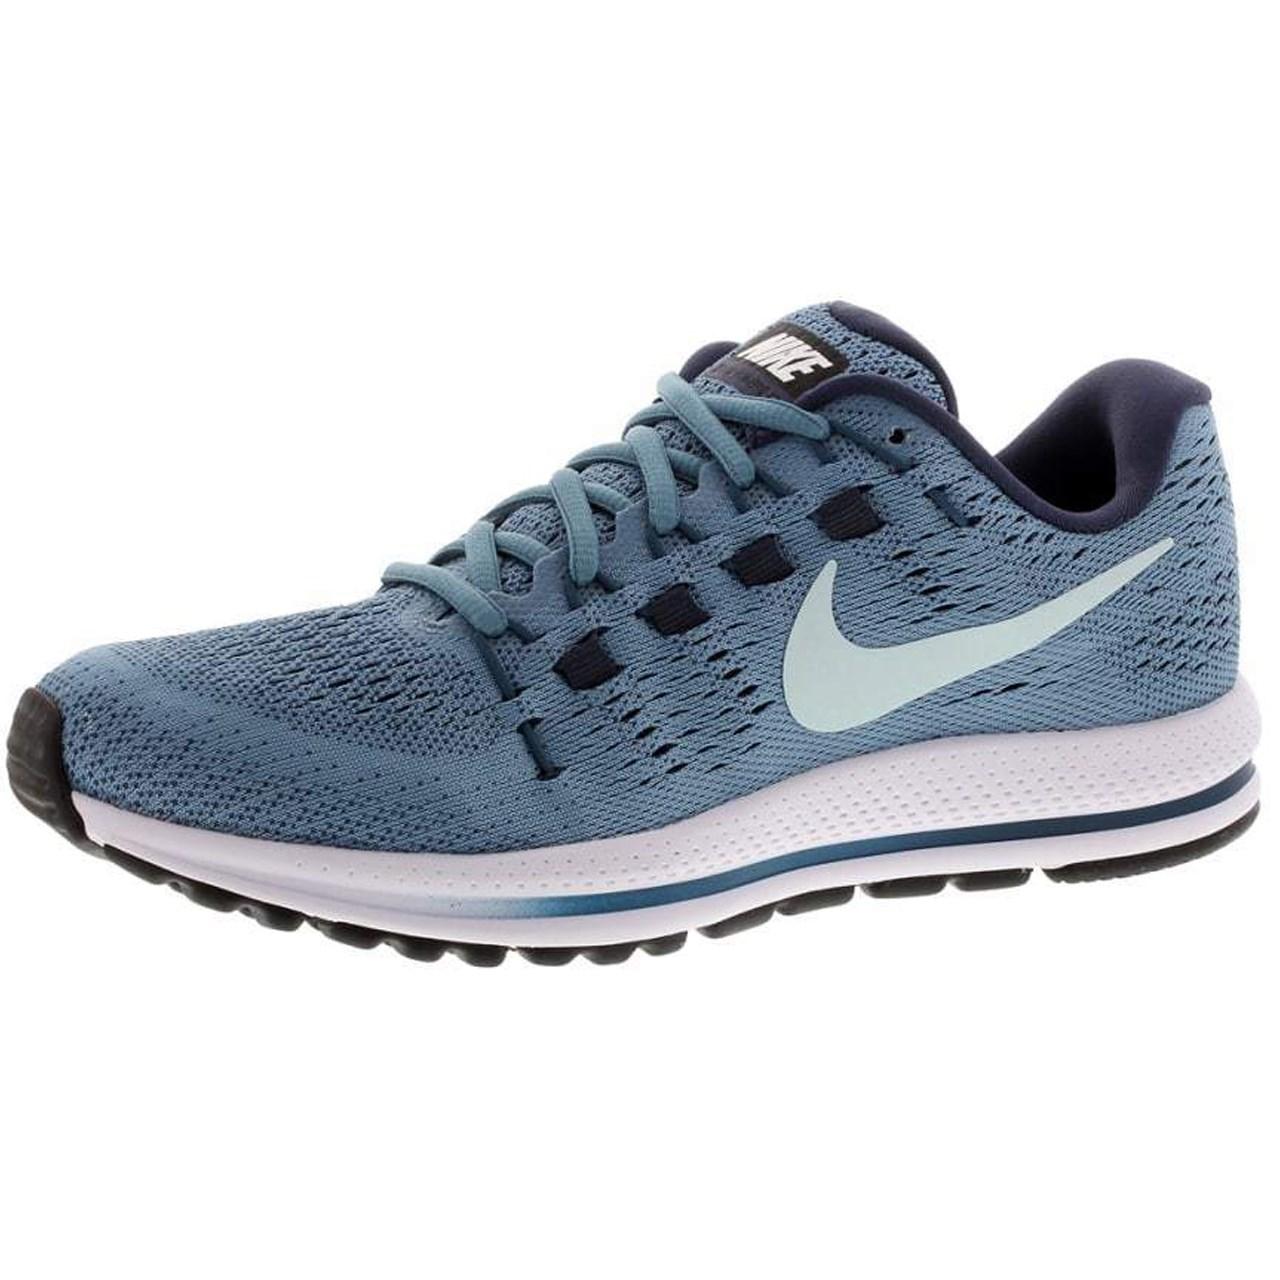 کفش مخصوص دویدن زنانه نایکی مدل Air Zoom Vomero 12